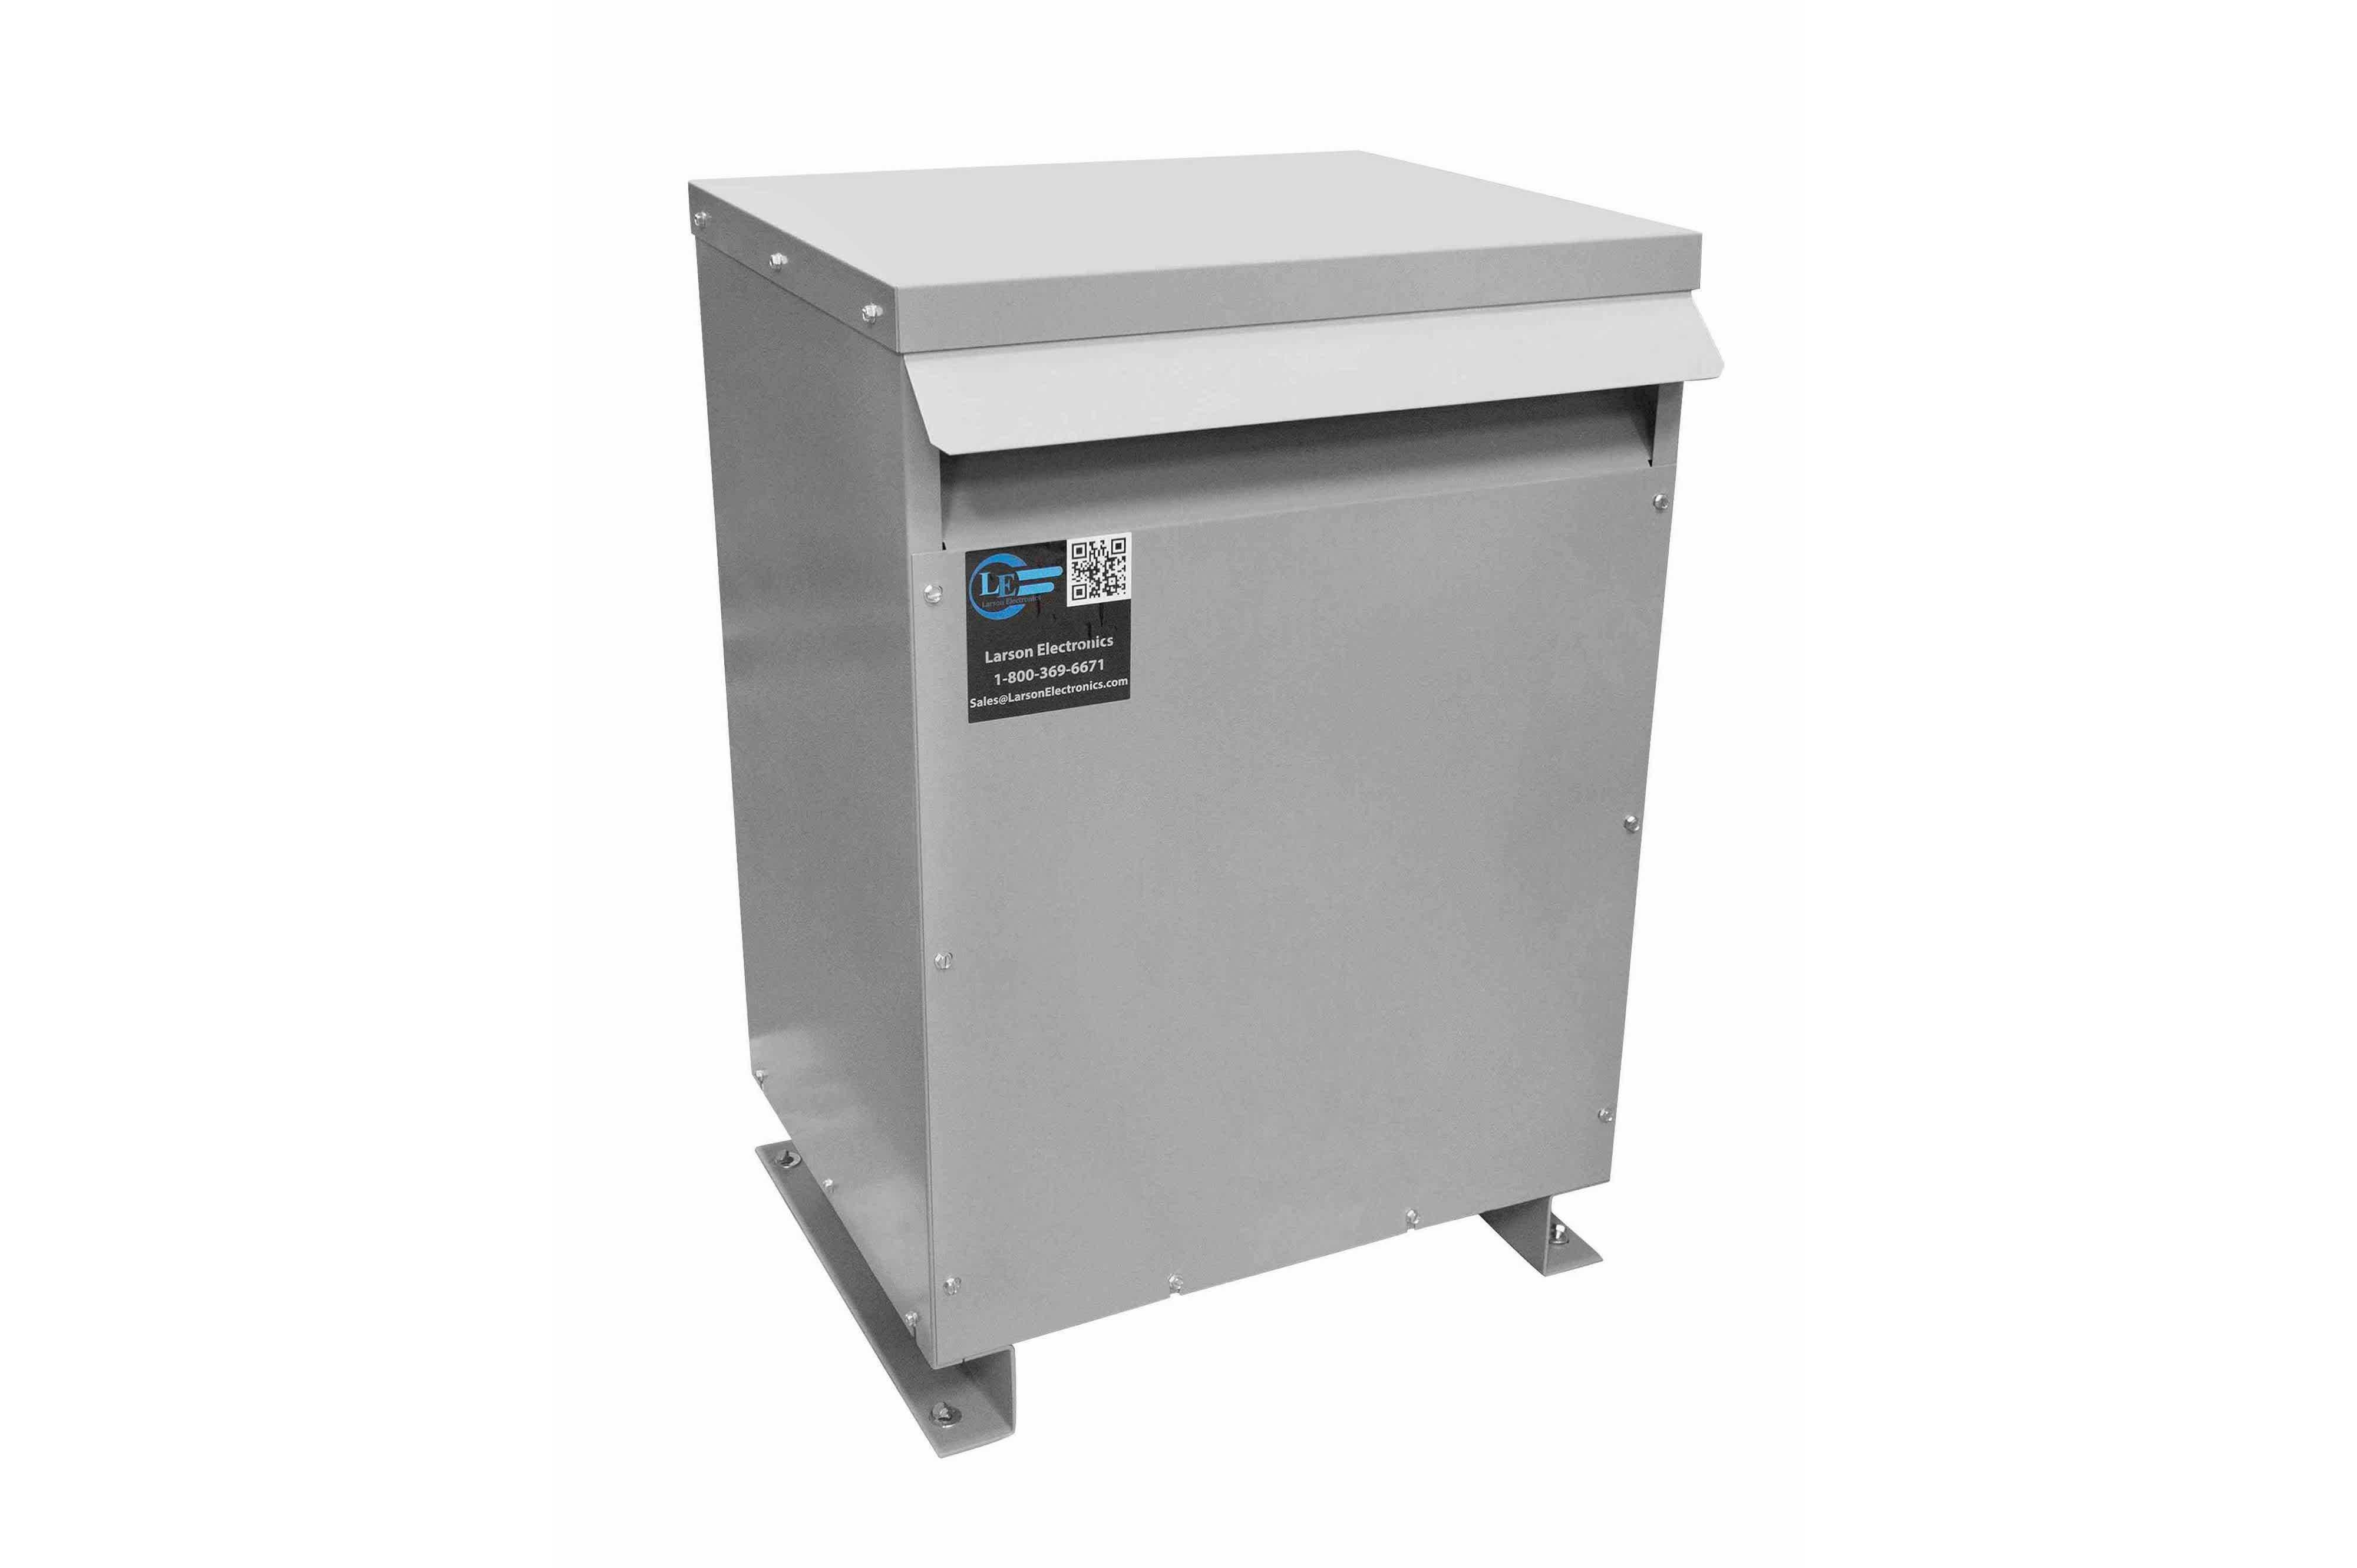 12 kVA 3PH Isolation Transformer, 400V Delta Primary, 208V Delta Secondary, N3R, Ventilated, 60 Hz